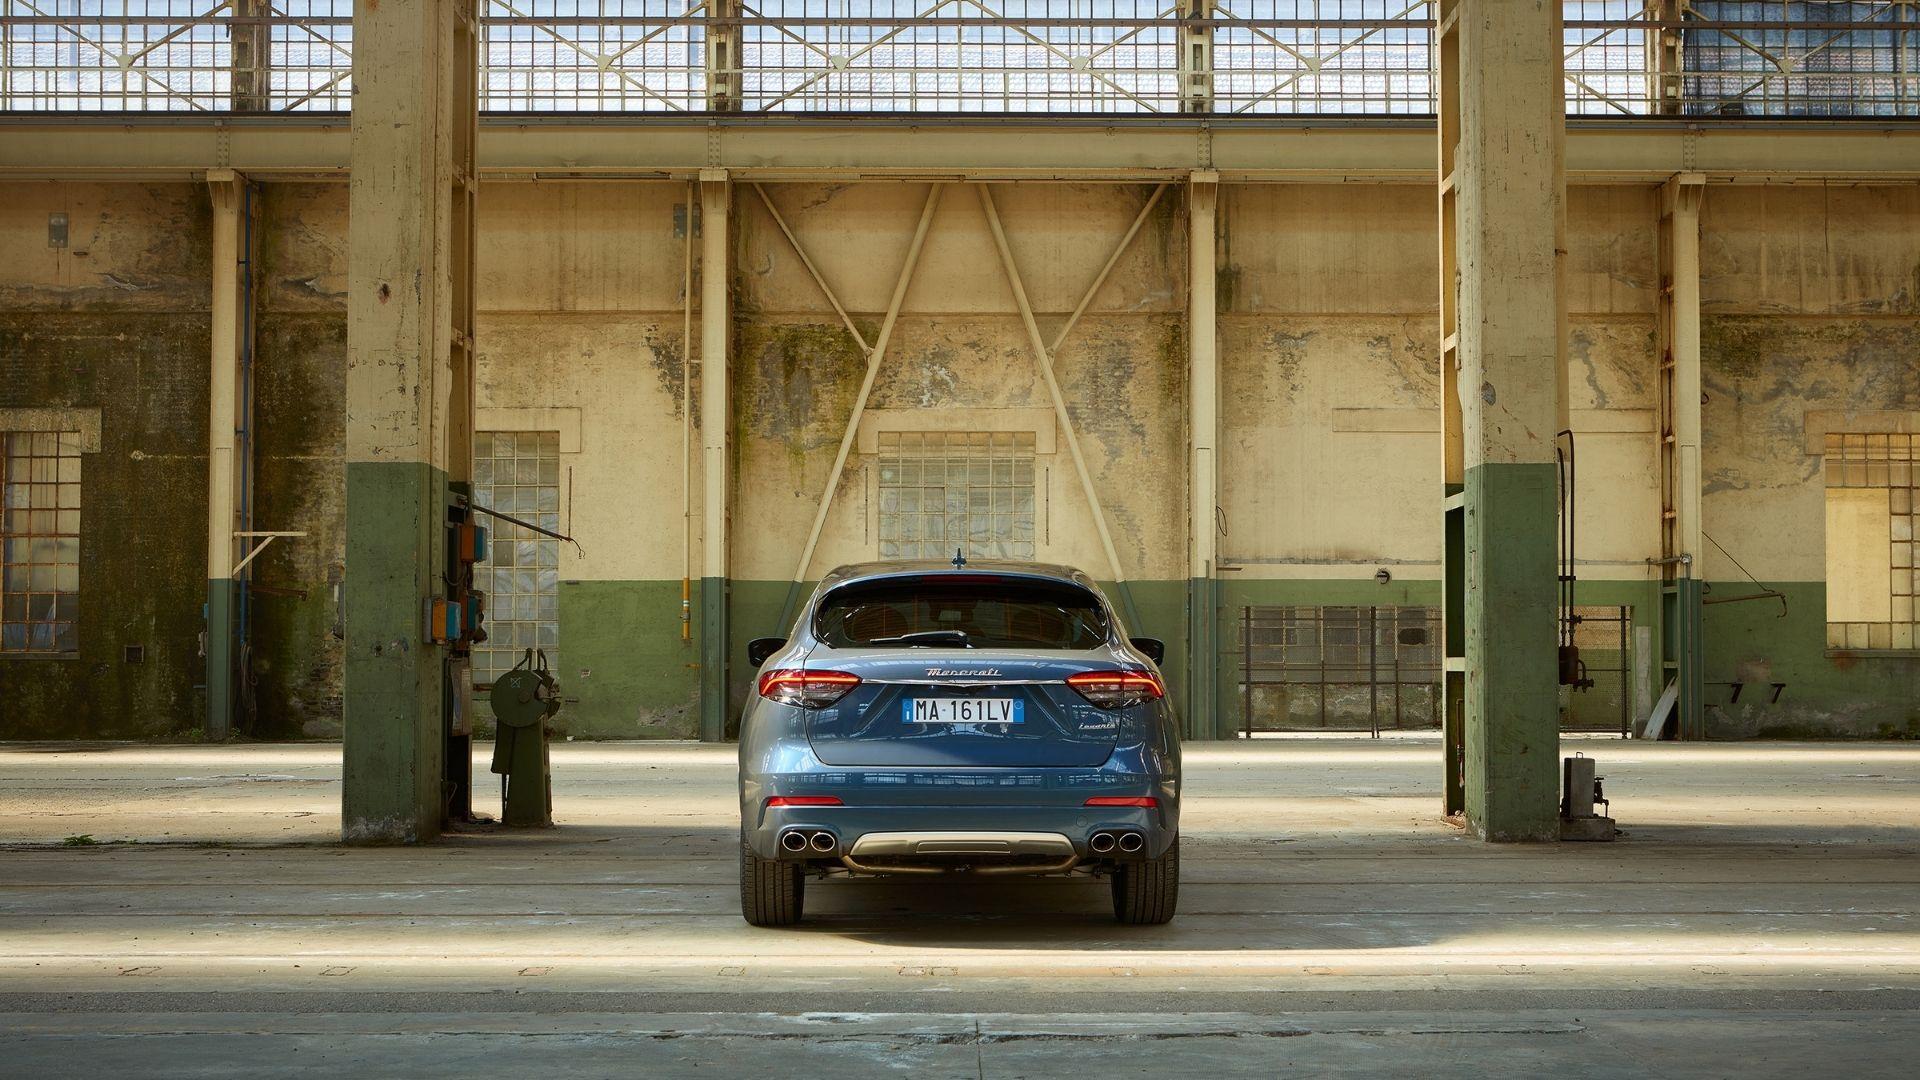 Maserati-Levante-Hybrid-dettaglio-posteriore-industrial